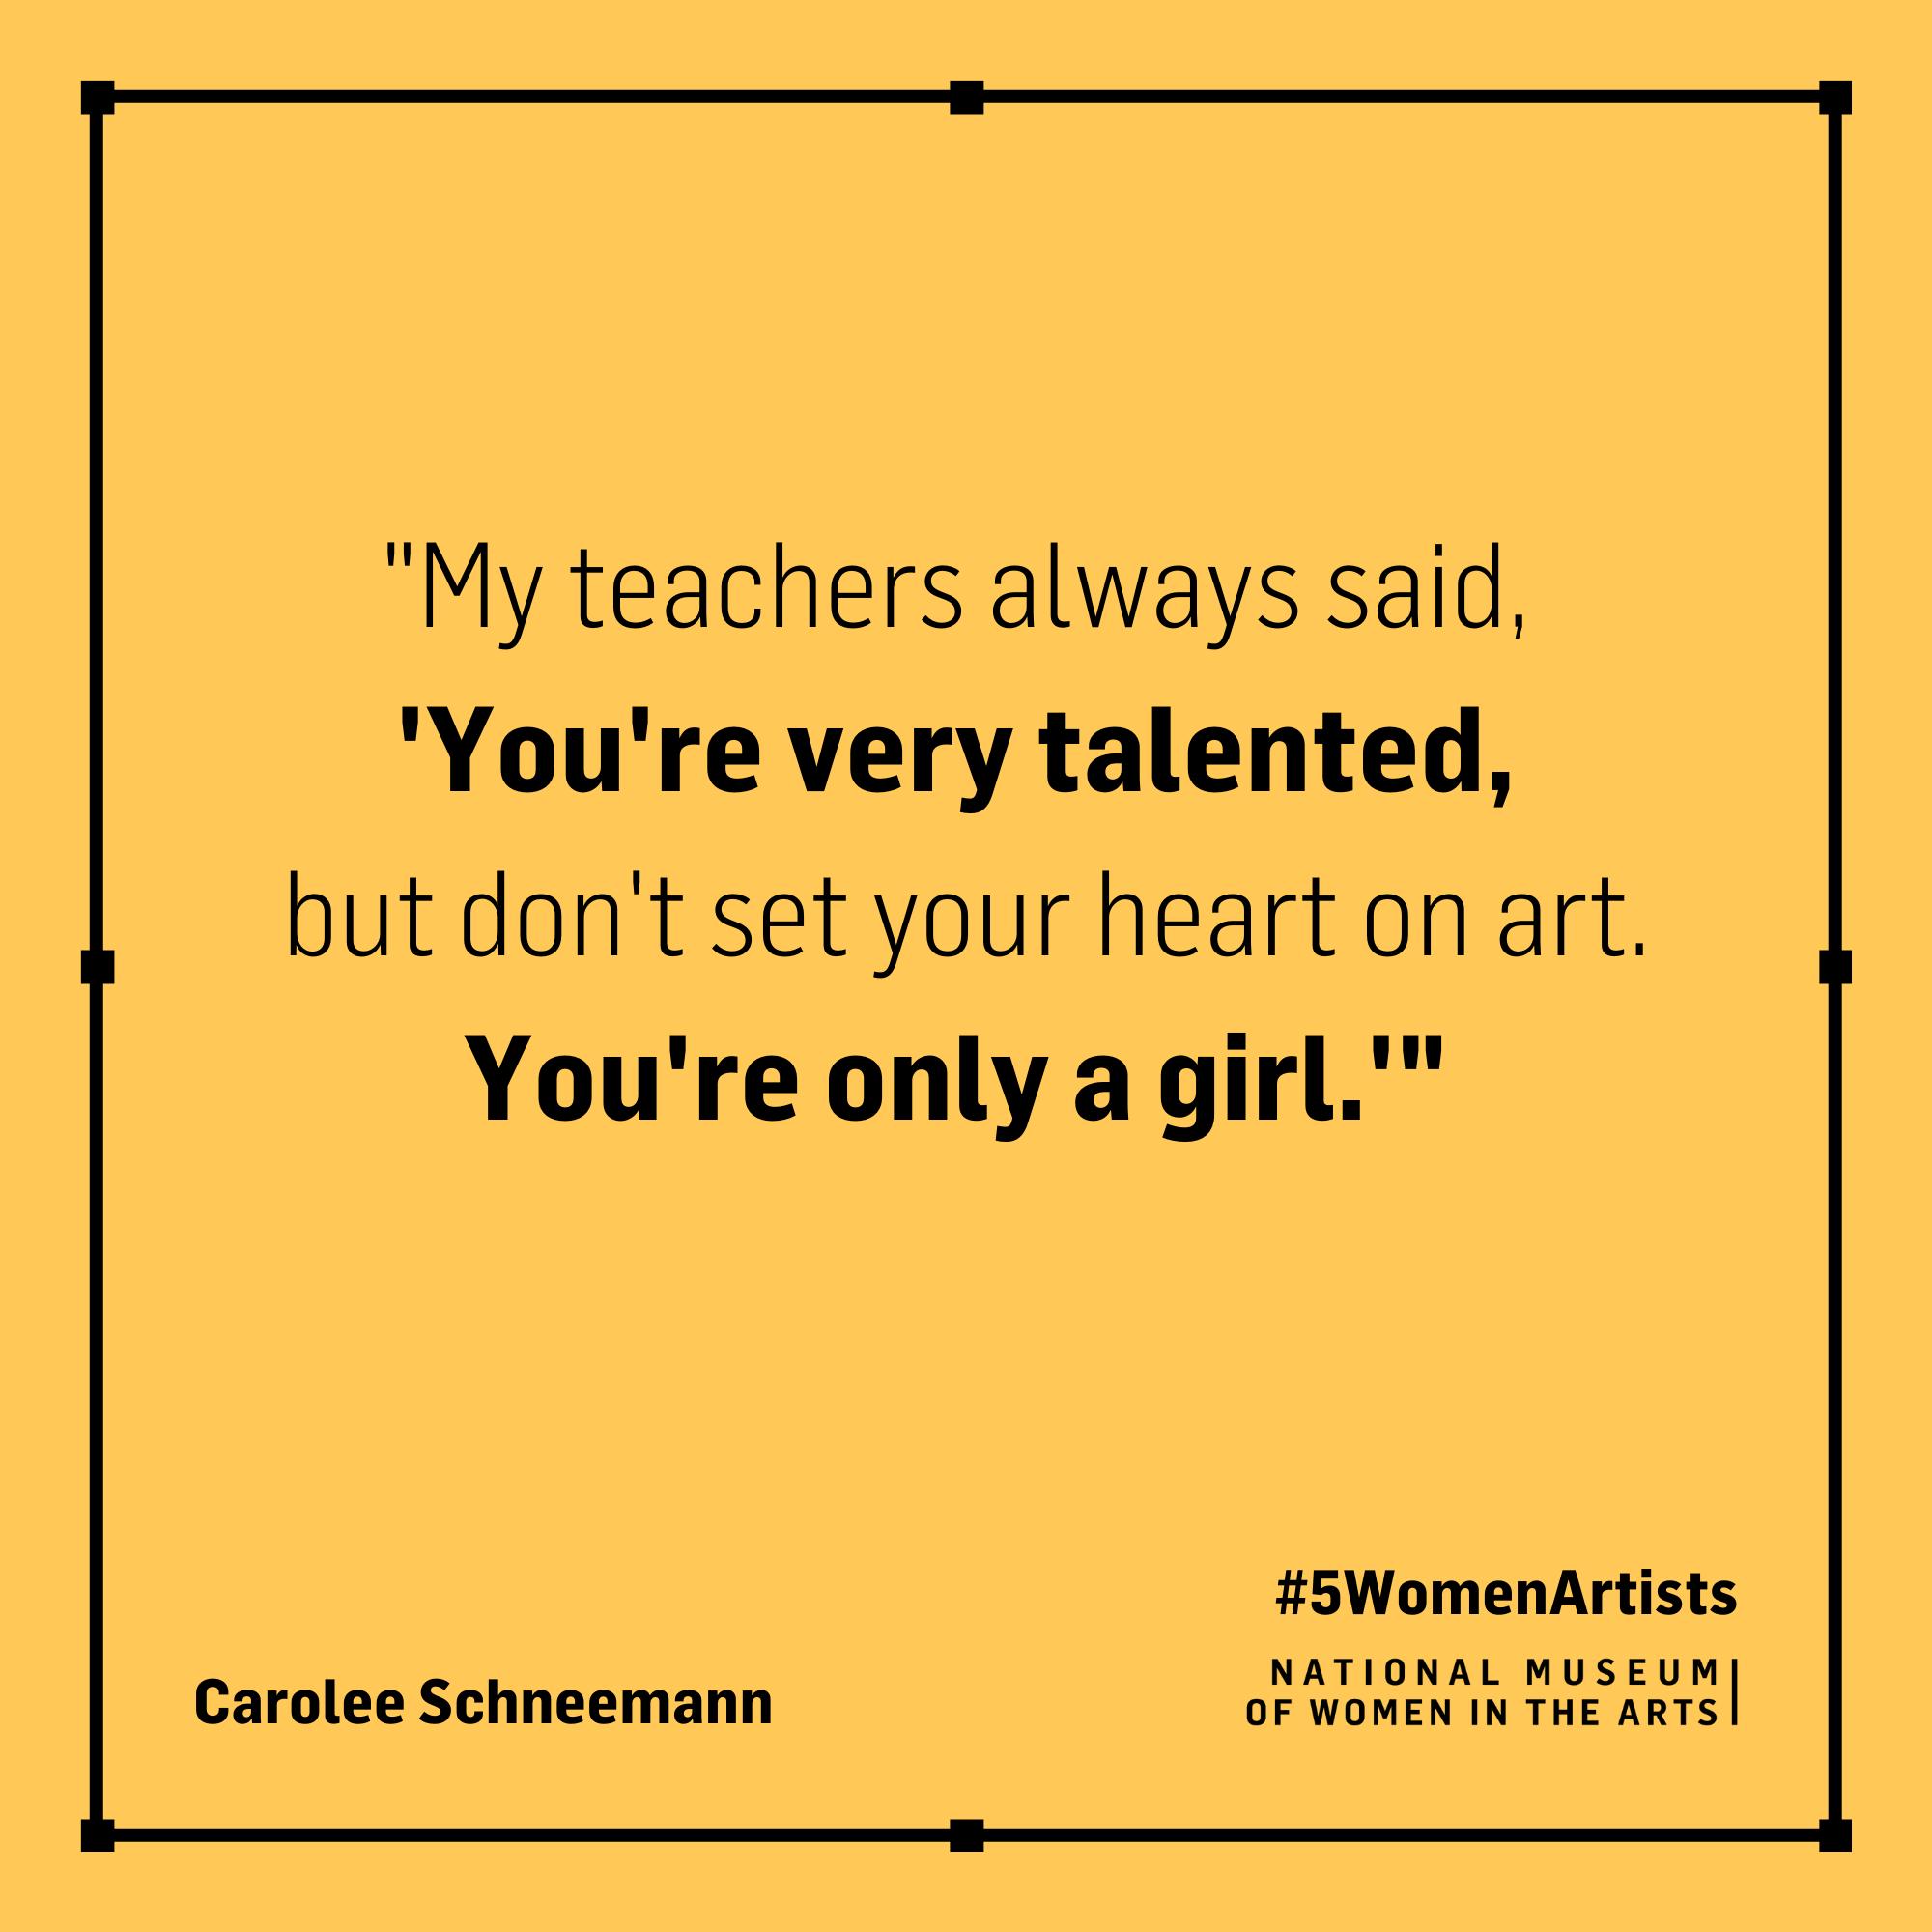 Carolee Schneemann quote,